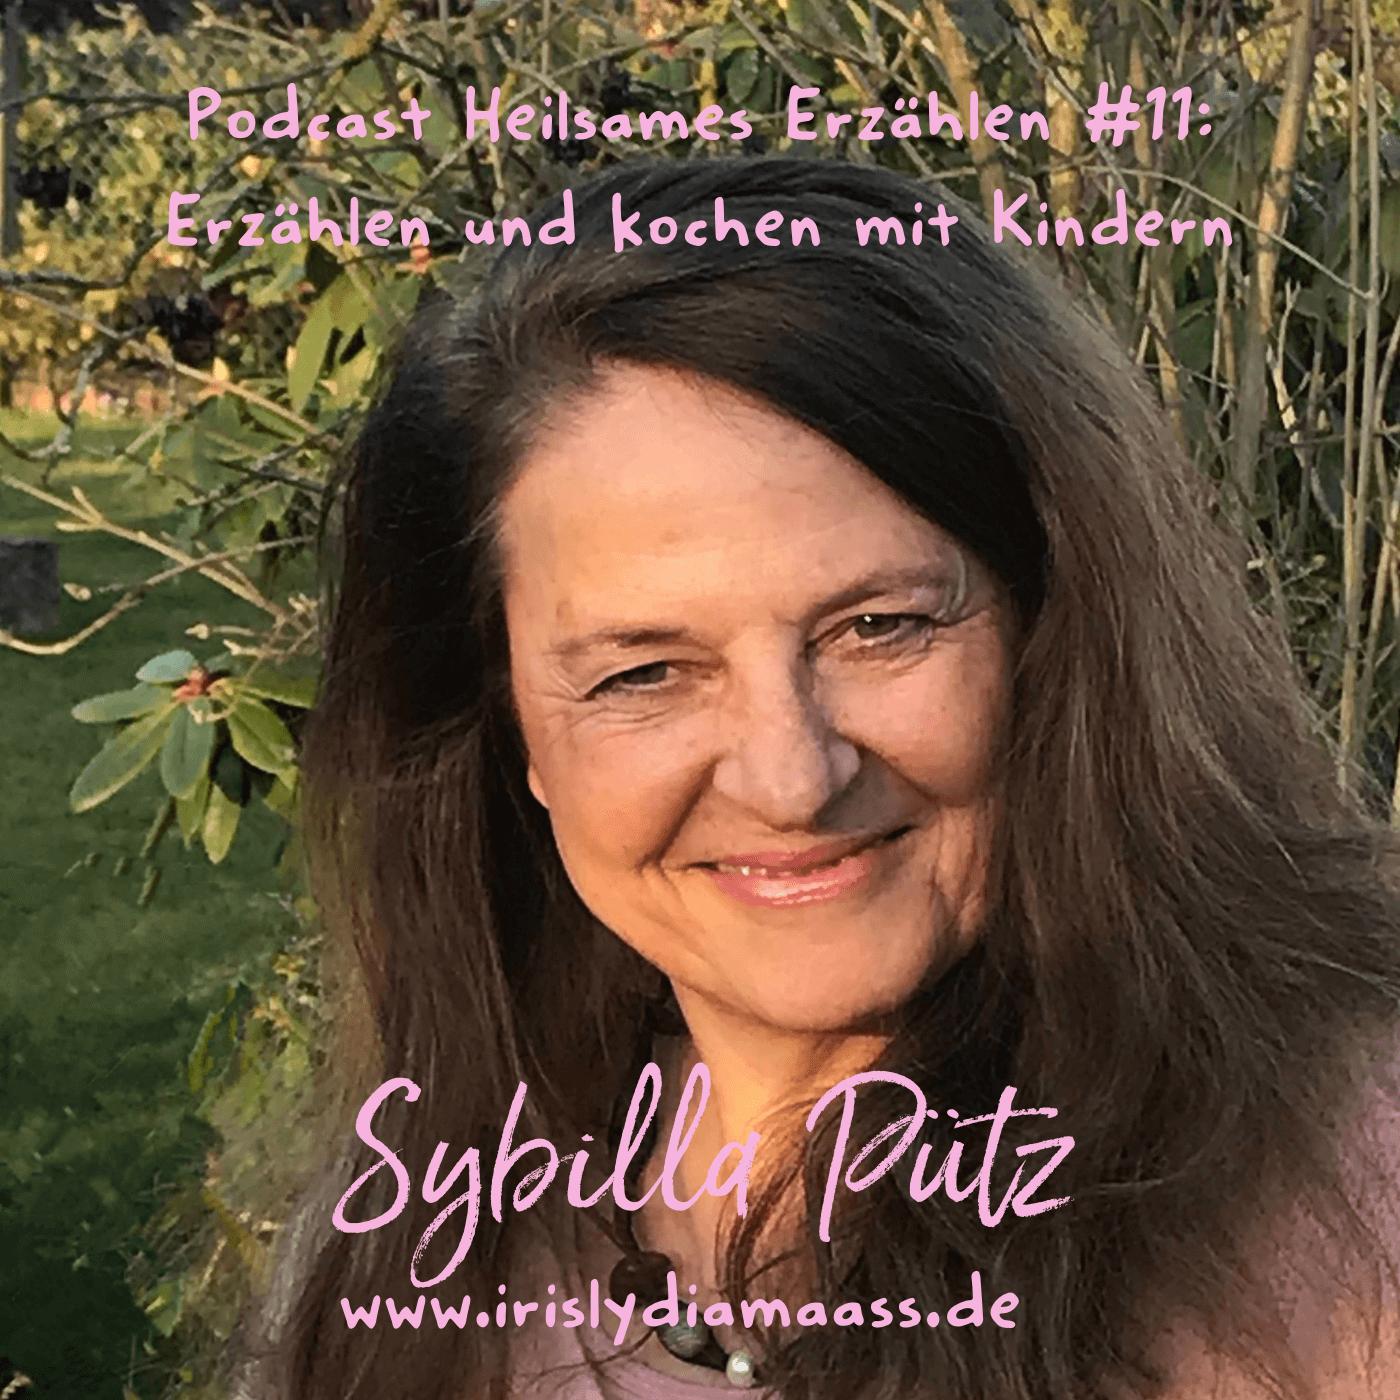 Podcast Heilsames Erzählen #11: Interview mit Sybilla Pütz